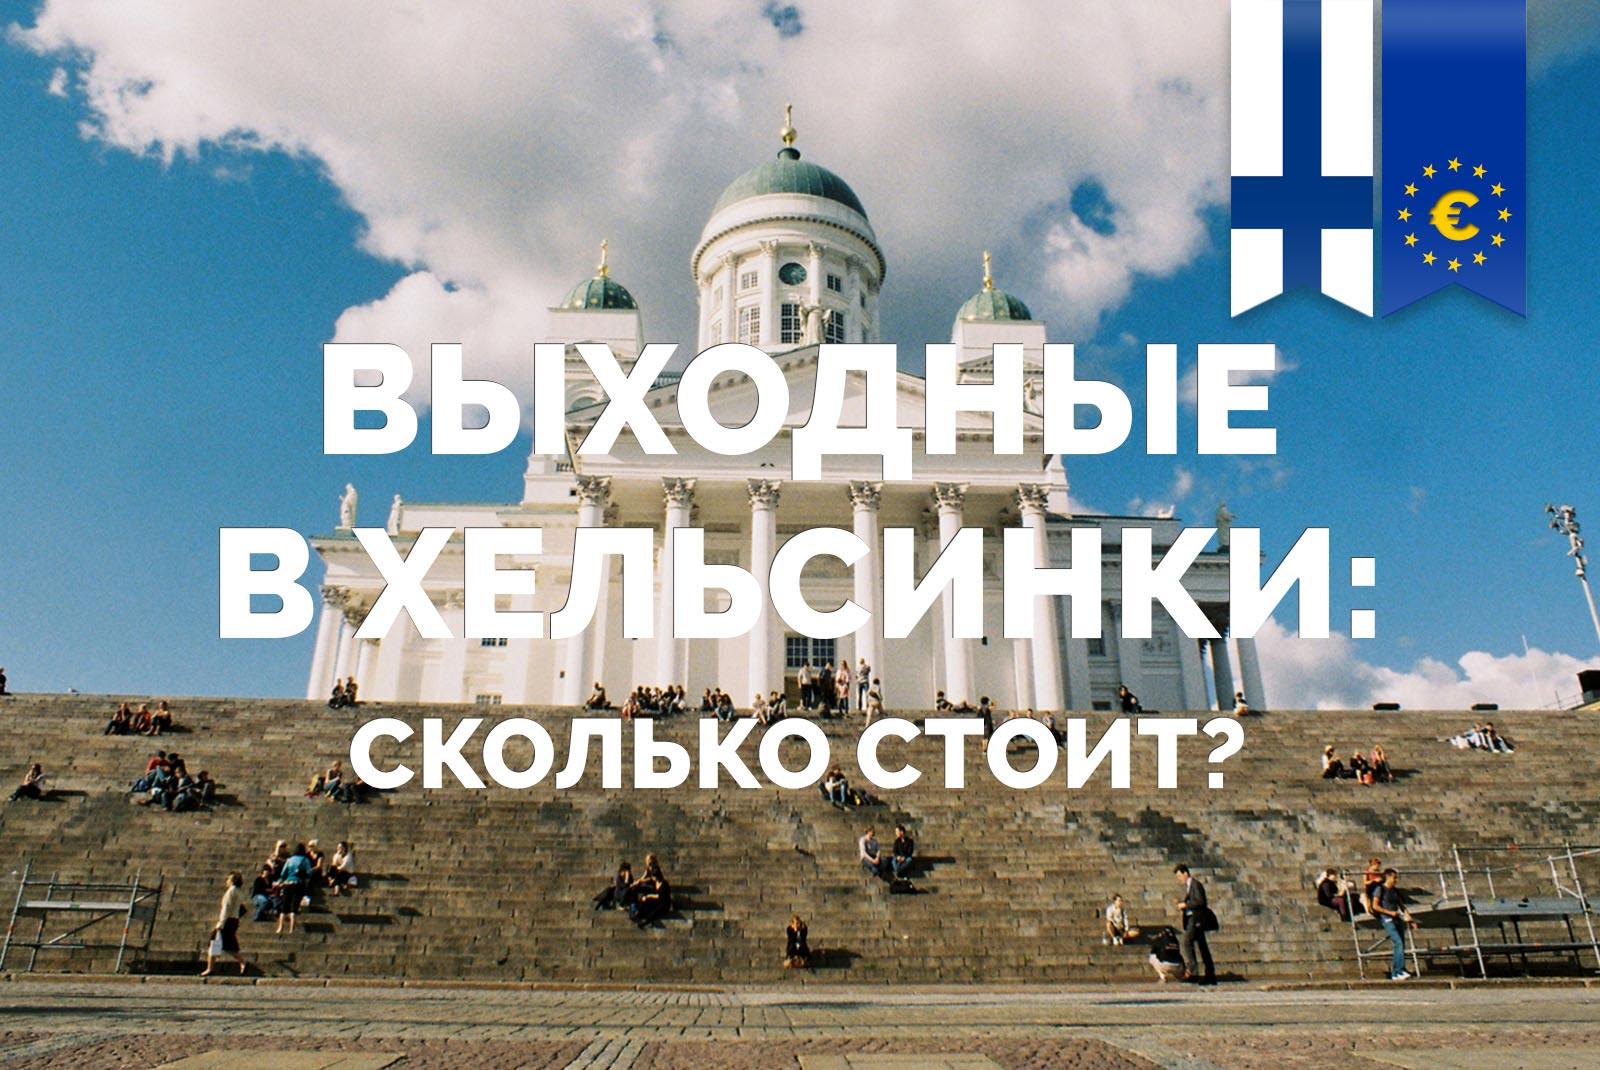 Weekend in Helsinki